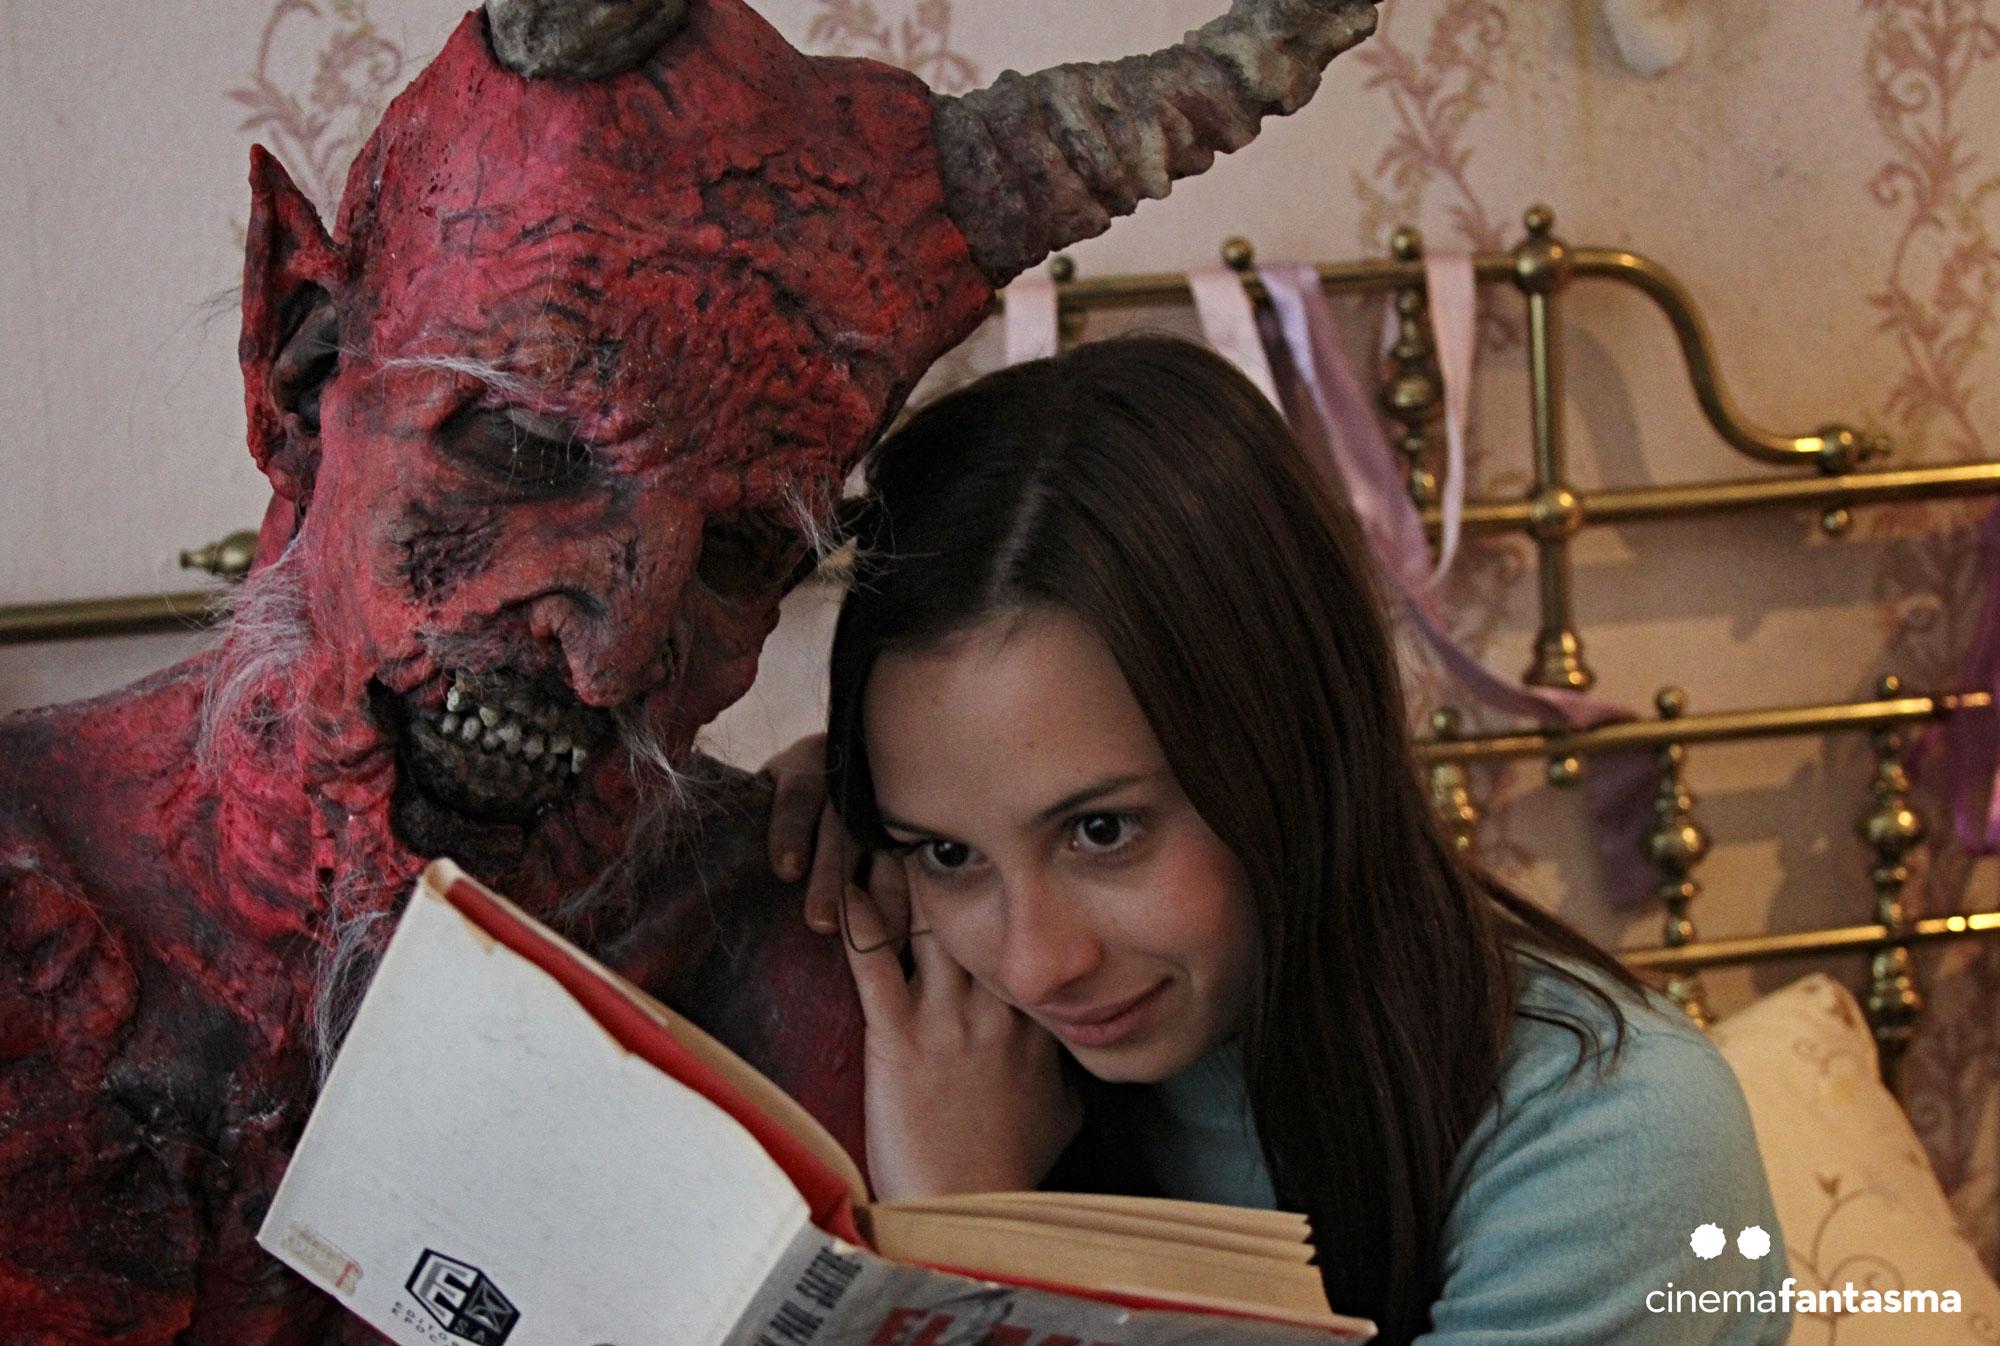 Beware of the Devil's advice.